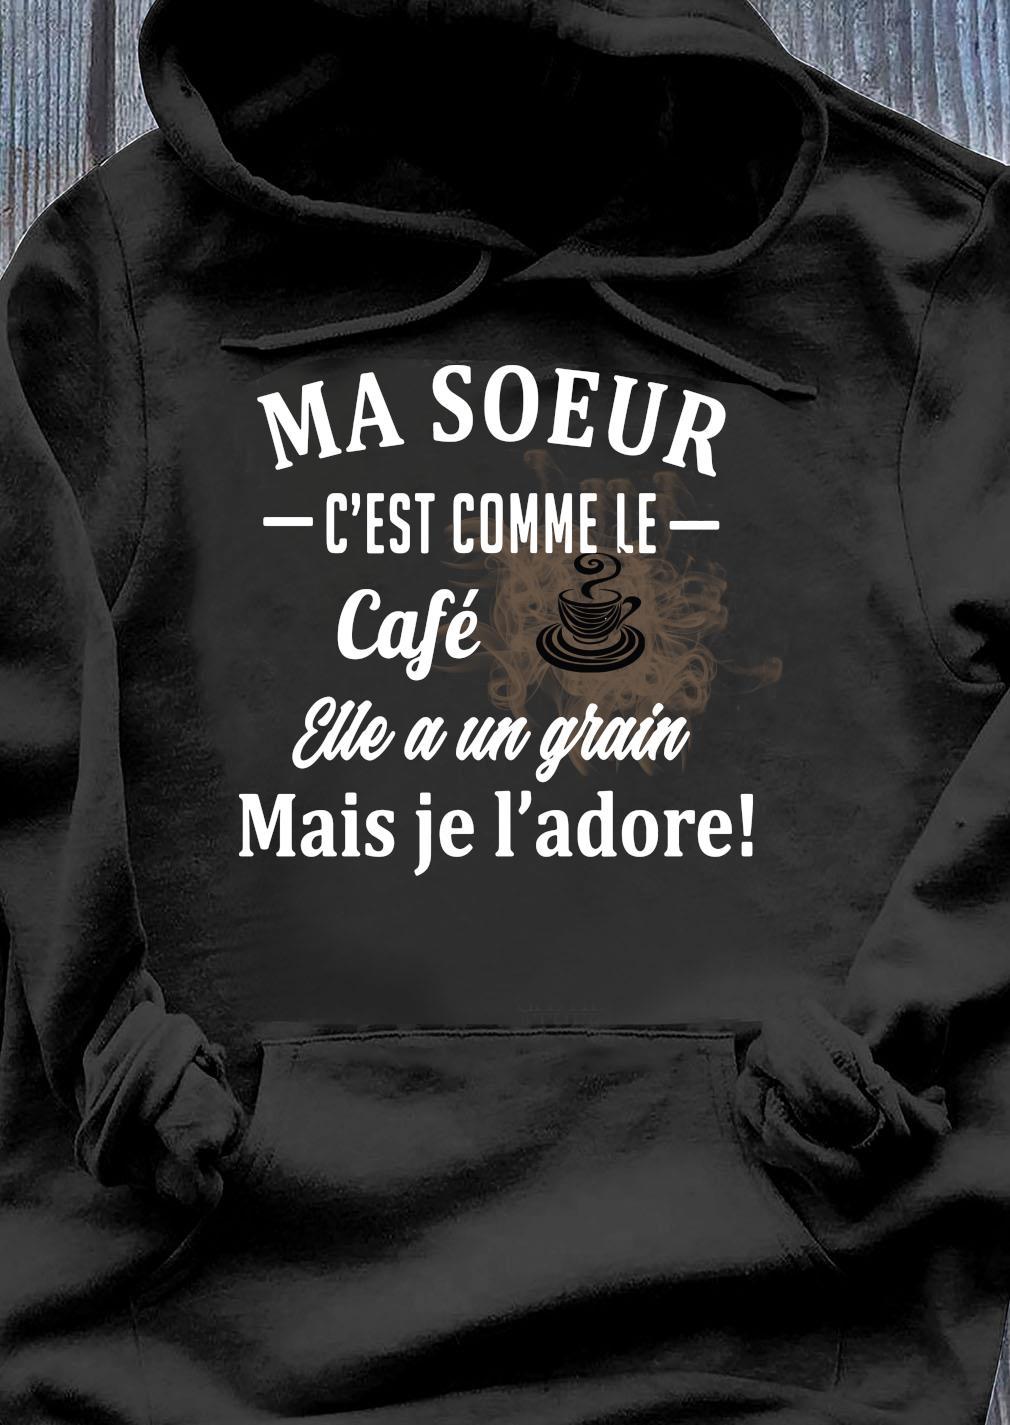 Ma Soeur C'est Comme Le Cafe Eue A Un Grain Mais Je L'adore Shirt Hoodie